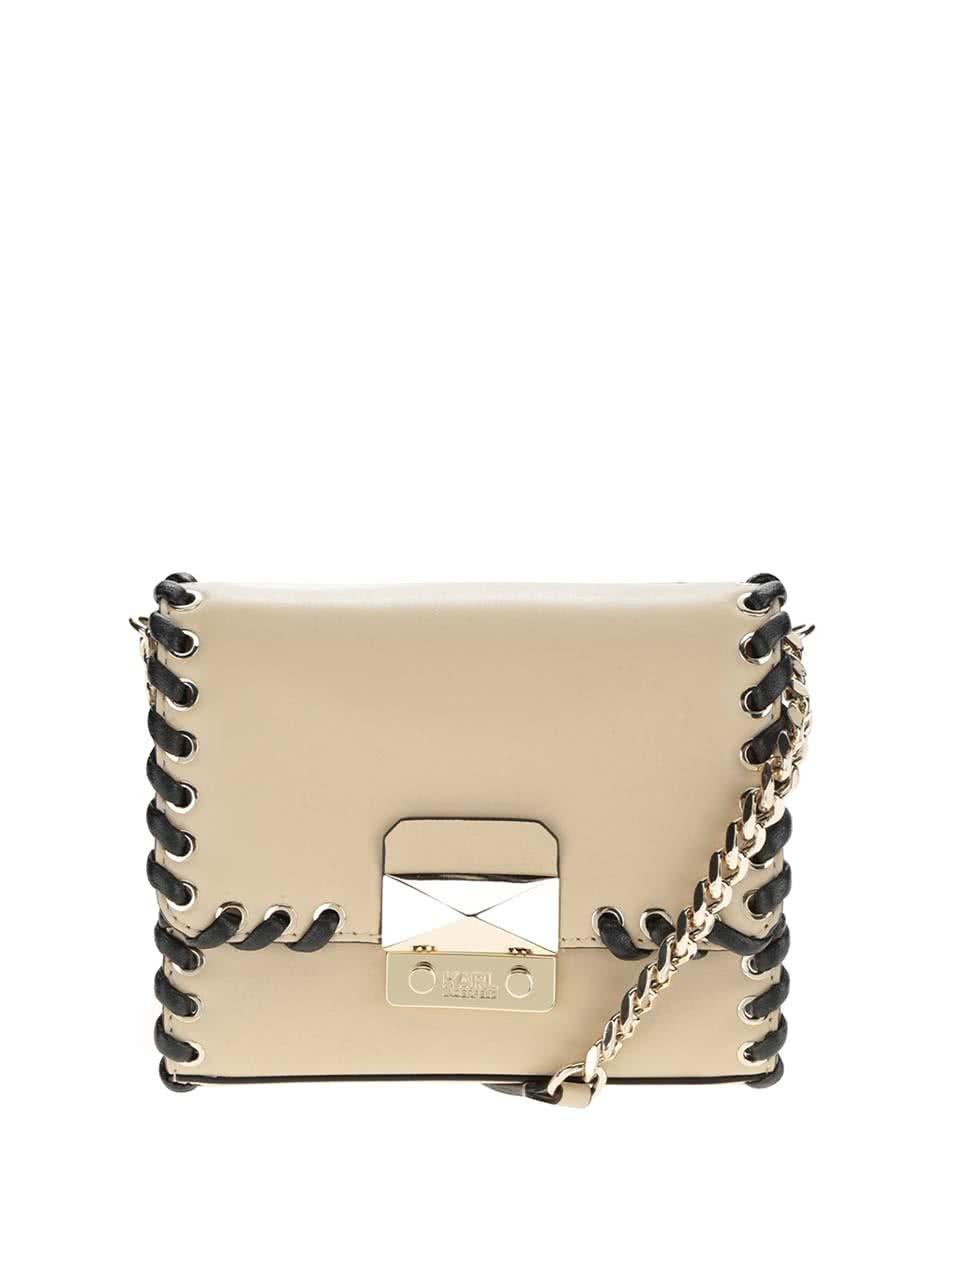 Béžová malá kožená crossbody kabelka s detaily ve zlaté barvě KARL LAGERFELD